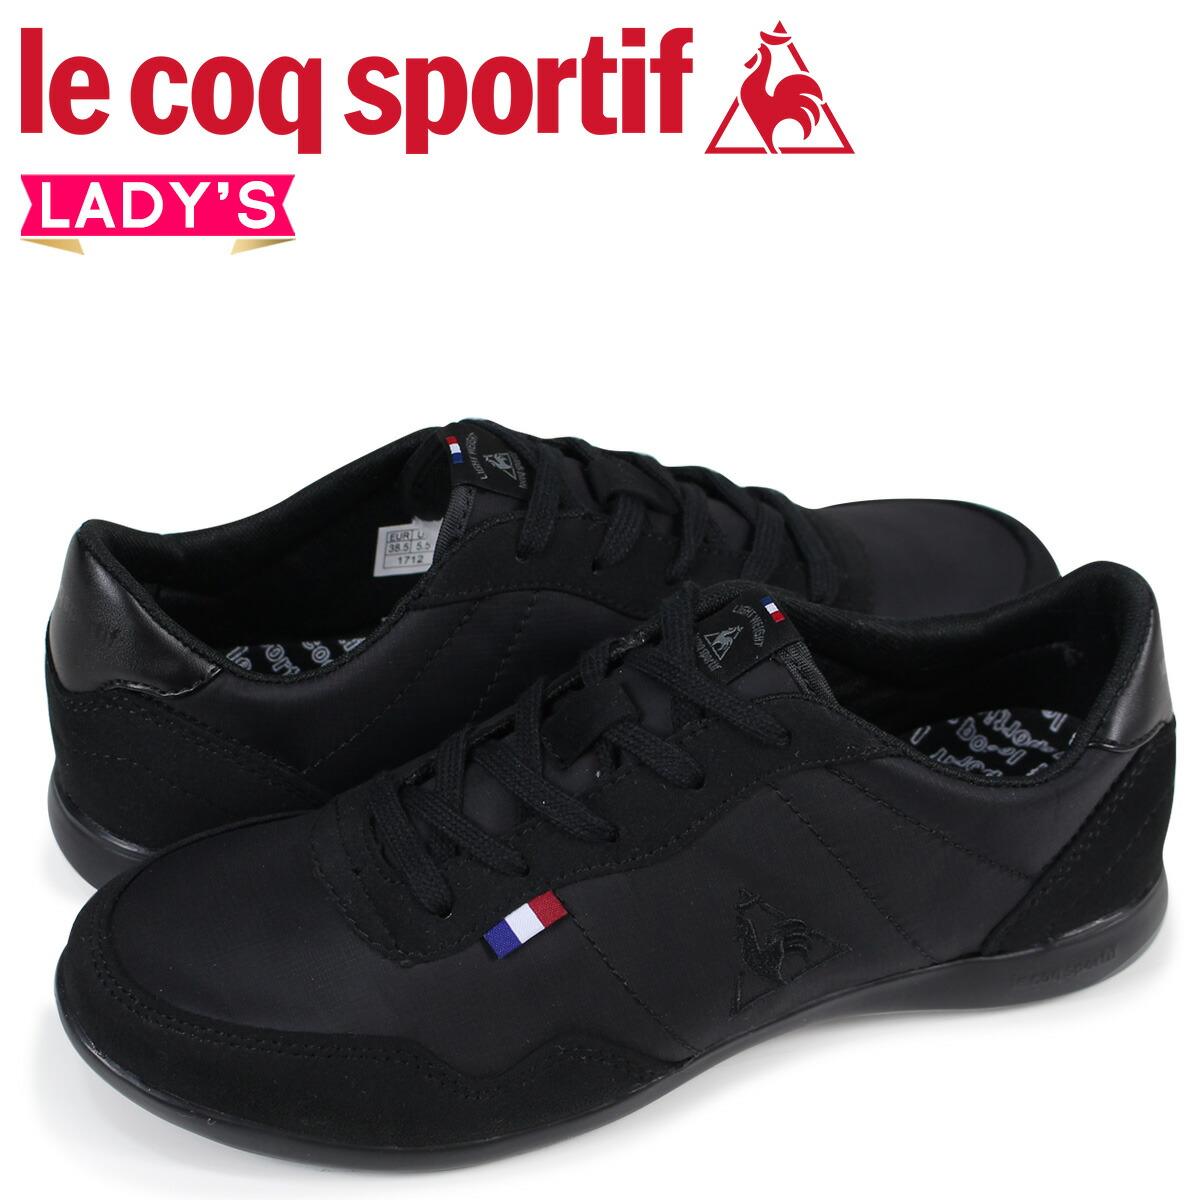 ルコック スポルティフ le coq sportif レディース スニーカー セギュール II ワイド SEGUR II WIDE ブラック QFM-6113BK [2/10 新入荷]